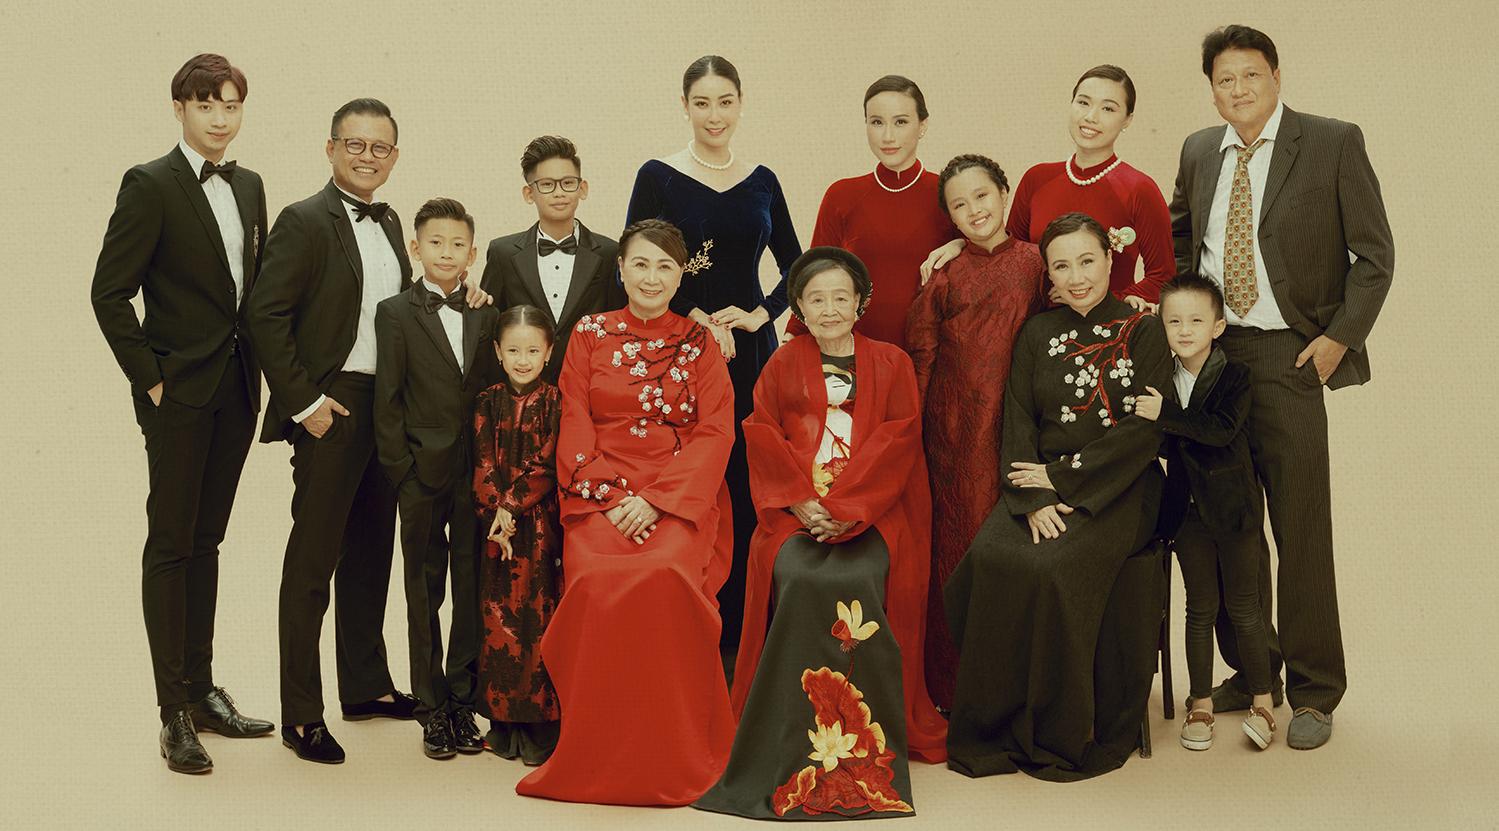 Giữa ồn ào công chúa triều Nguyễn, bộ ảnh gia đình nhà Hà Kiều Anh gây sốt: Ai cũng sang trọng, đầy khí chất danh gia vọng tộc - Ảnh 4.